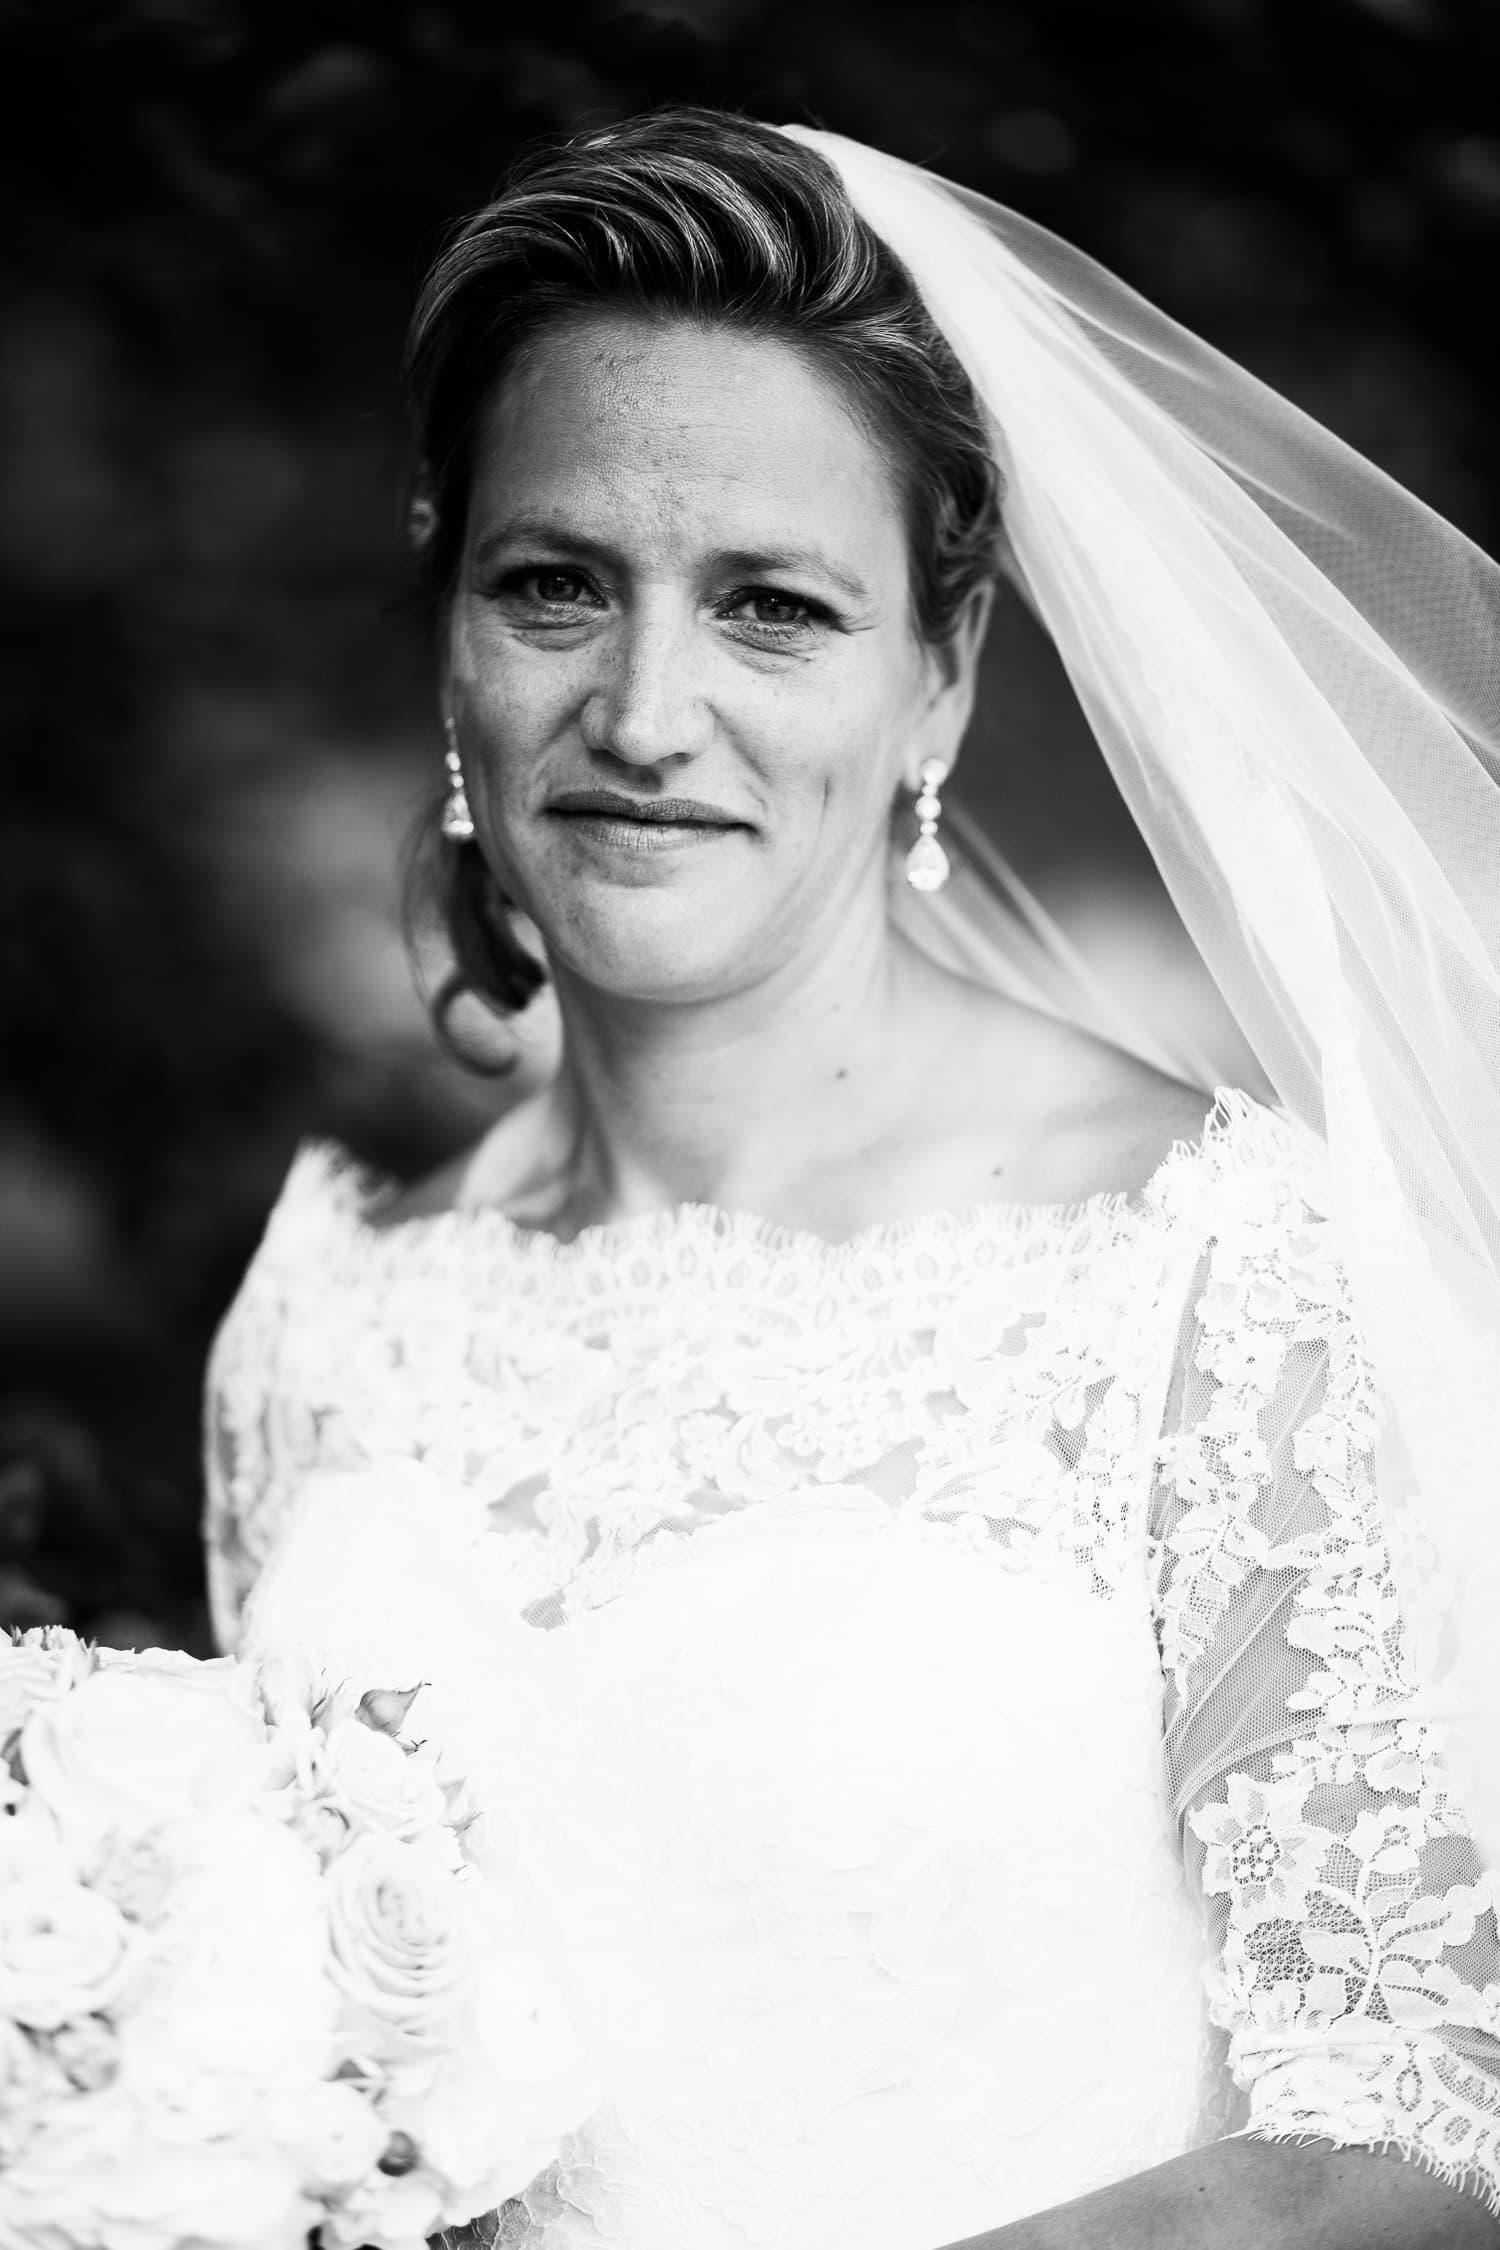 Julia-Benno-Hochzeitsreportage-84a Märchen-Hochzeit auf Schloss Schwöbber Hochzeitreportage